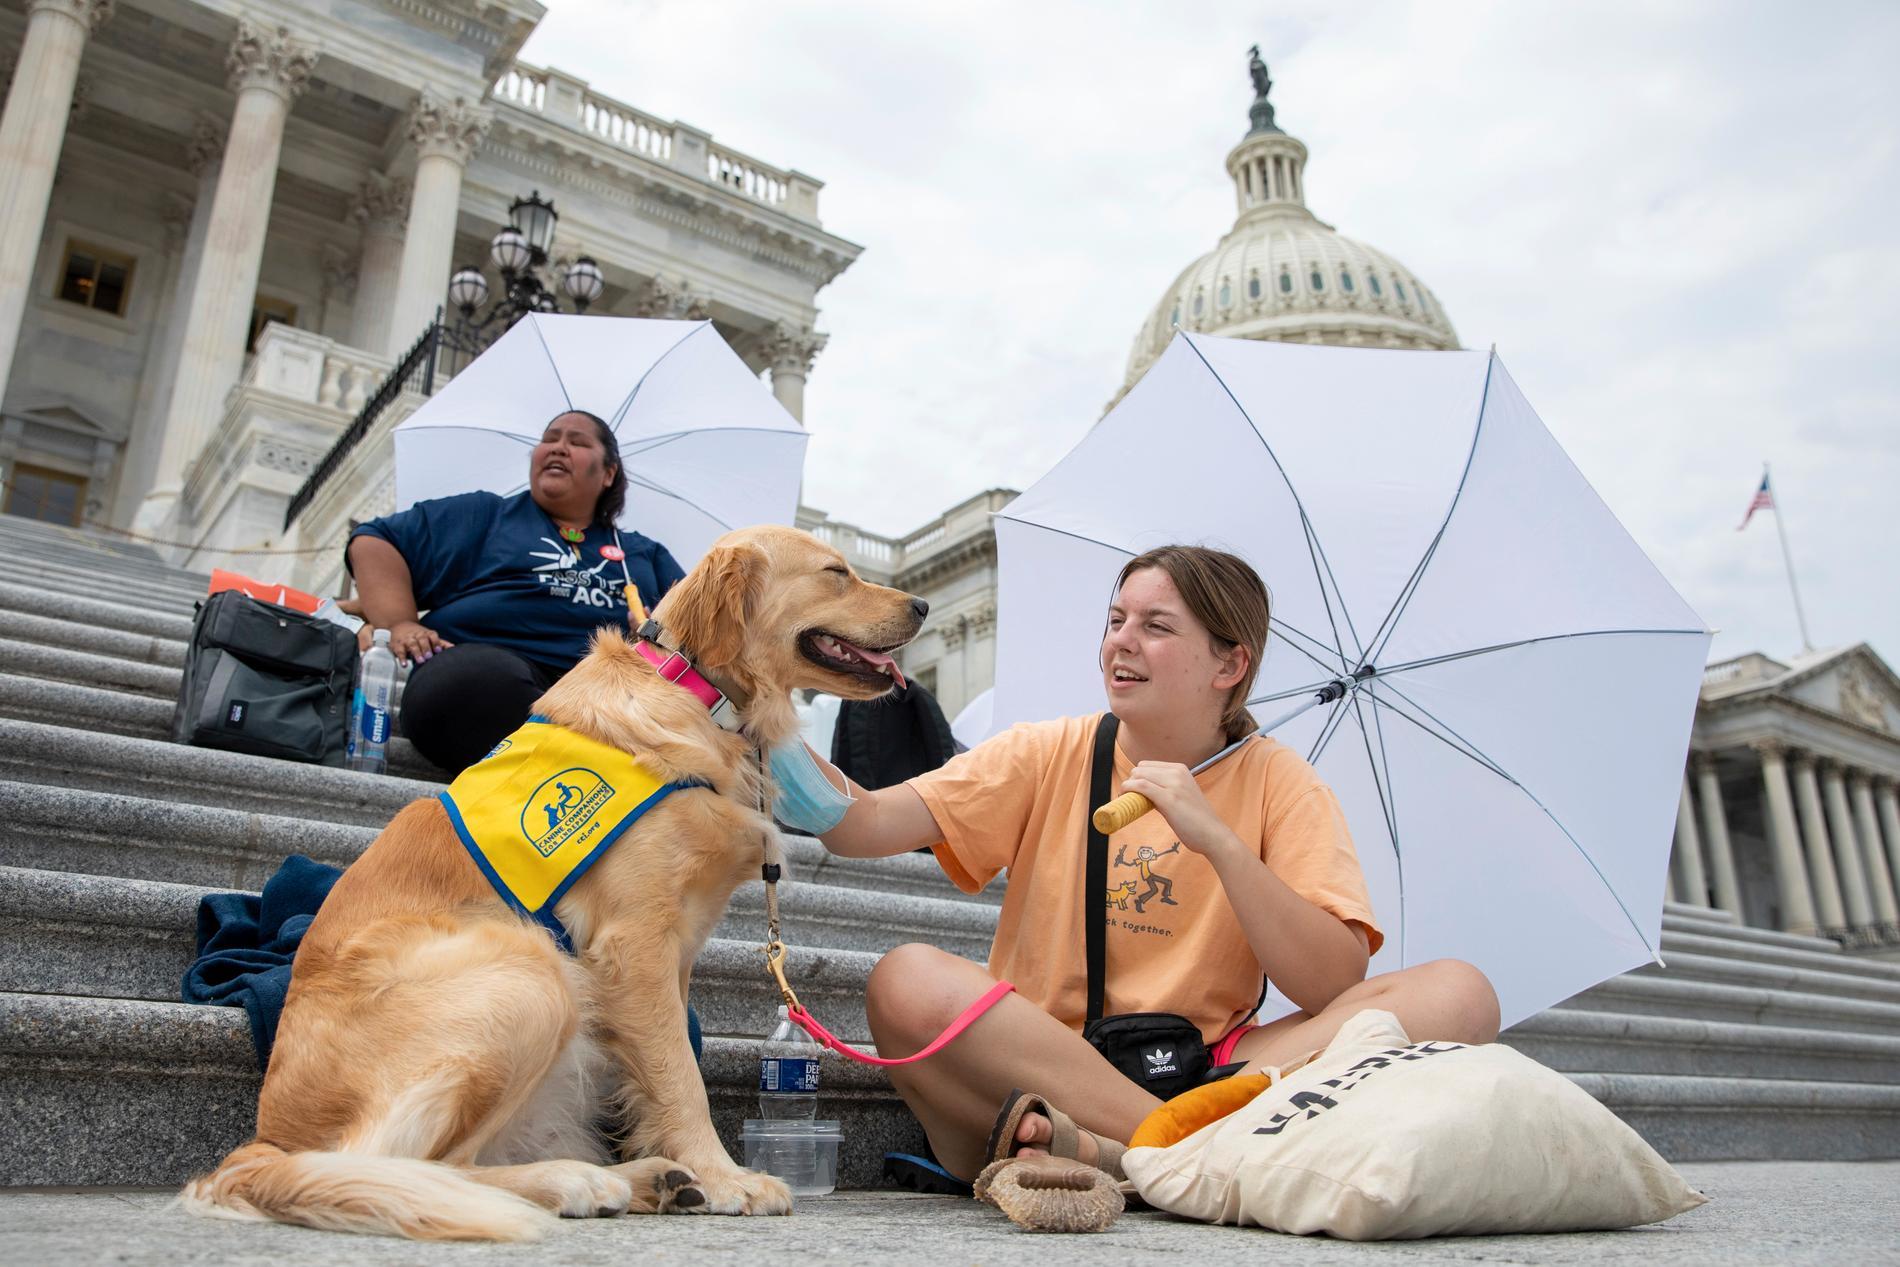 Casey Long och hunden Adrienne på trappan till USA:s kongress. Casey och andra demonstranter krävde på tisdagen att Joe Biden och hans regering gör mer för att undvika att miljontals amerikaner blir vräkta i spåren av pandemin.